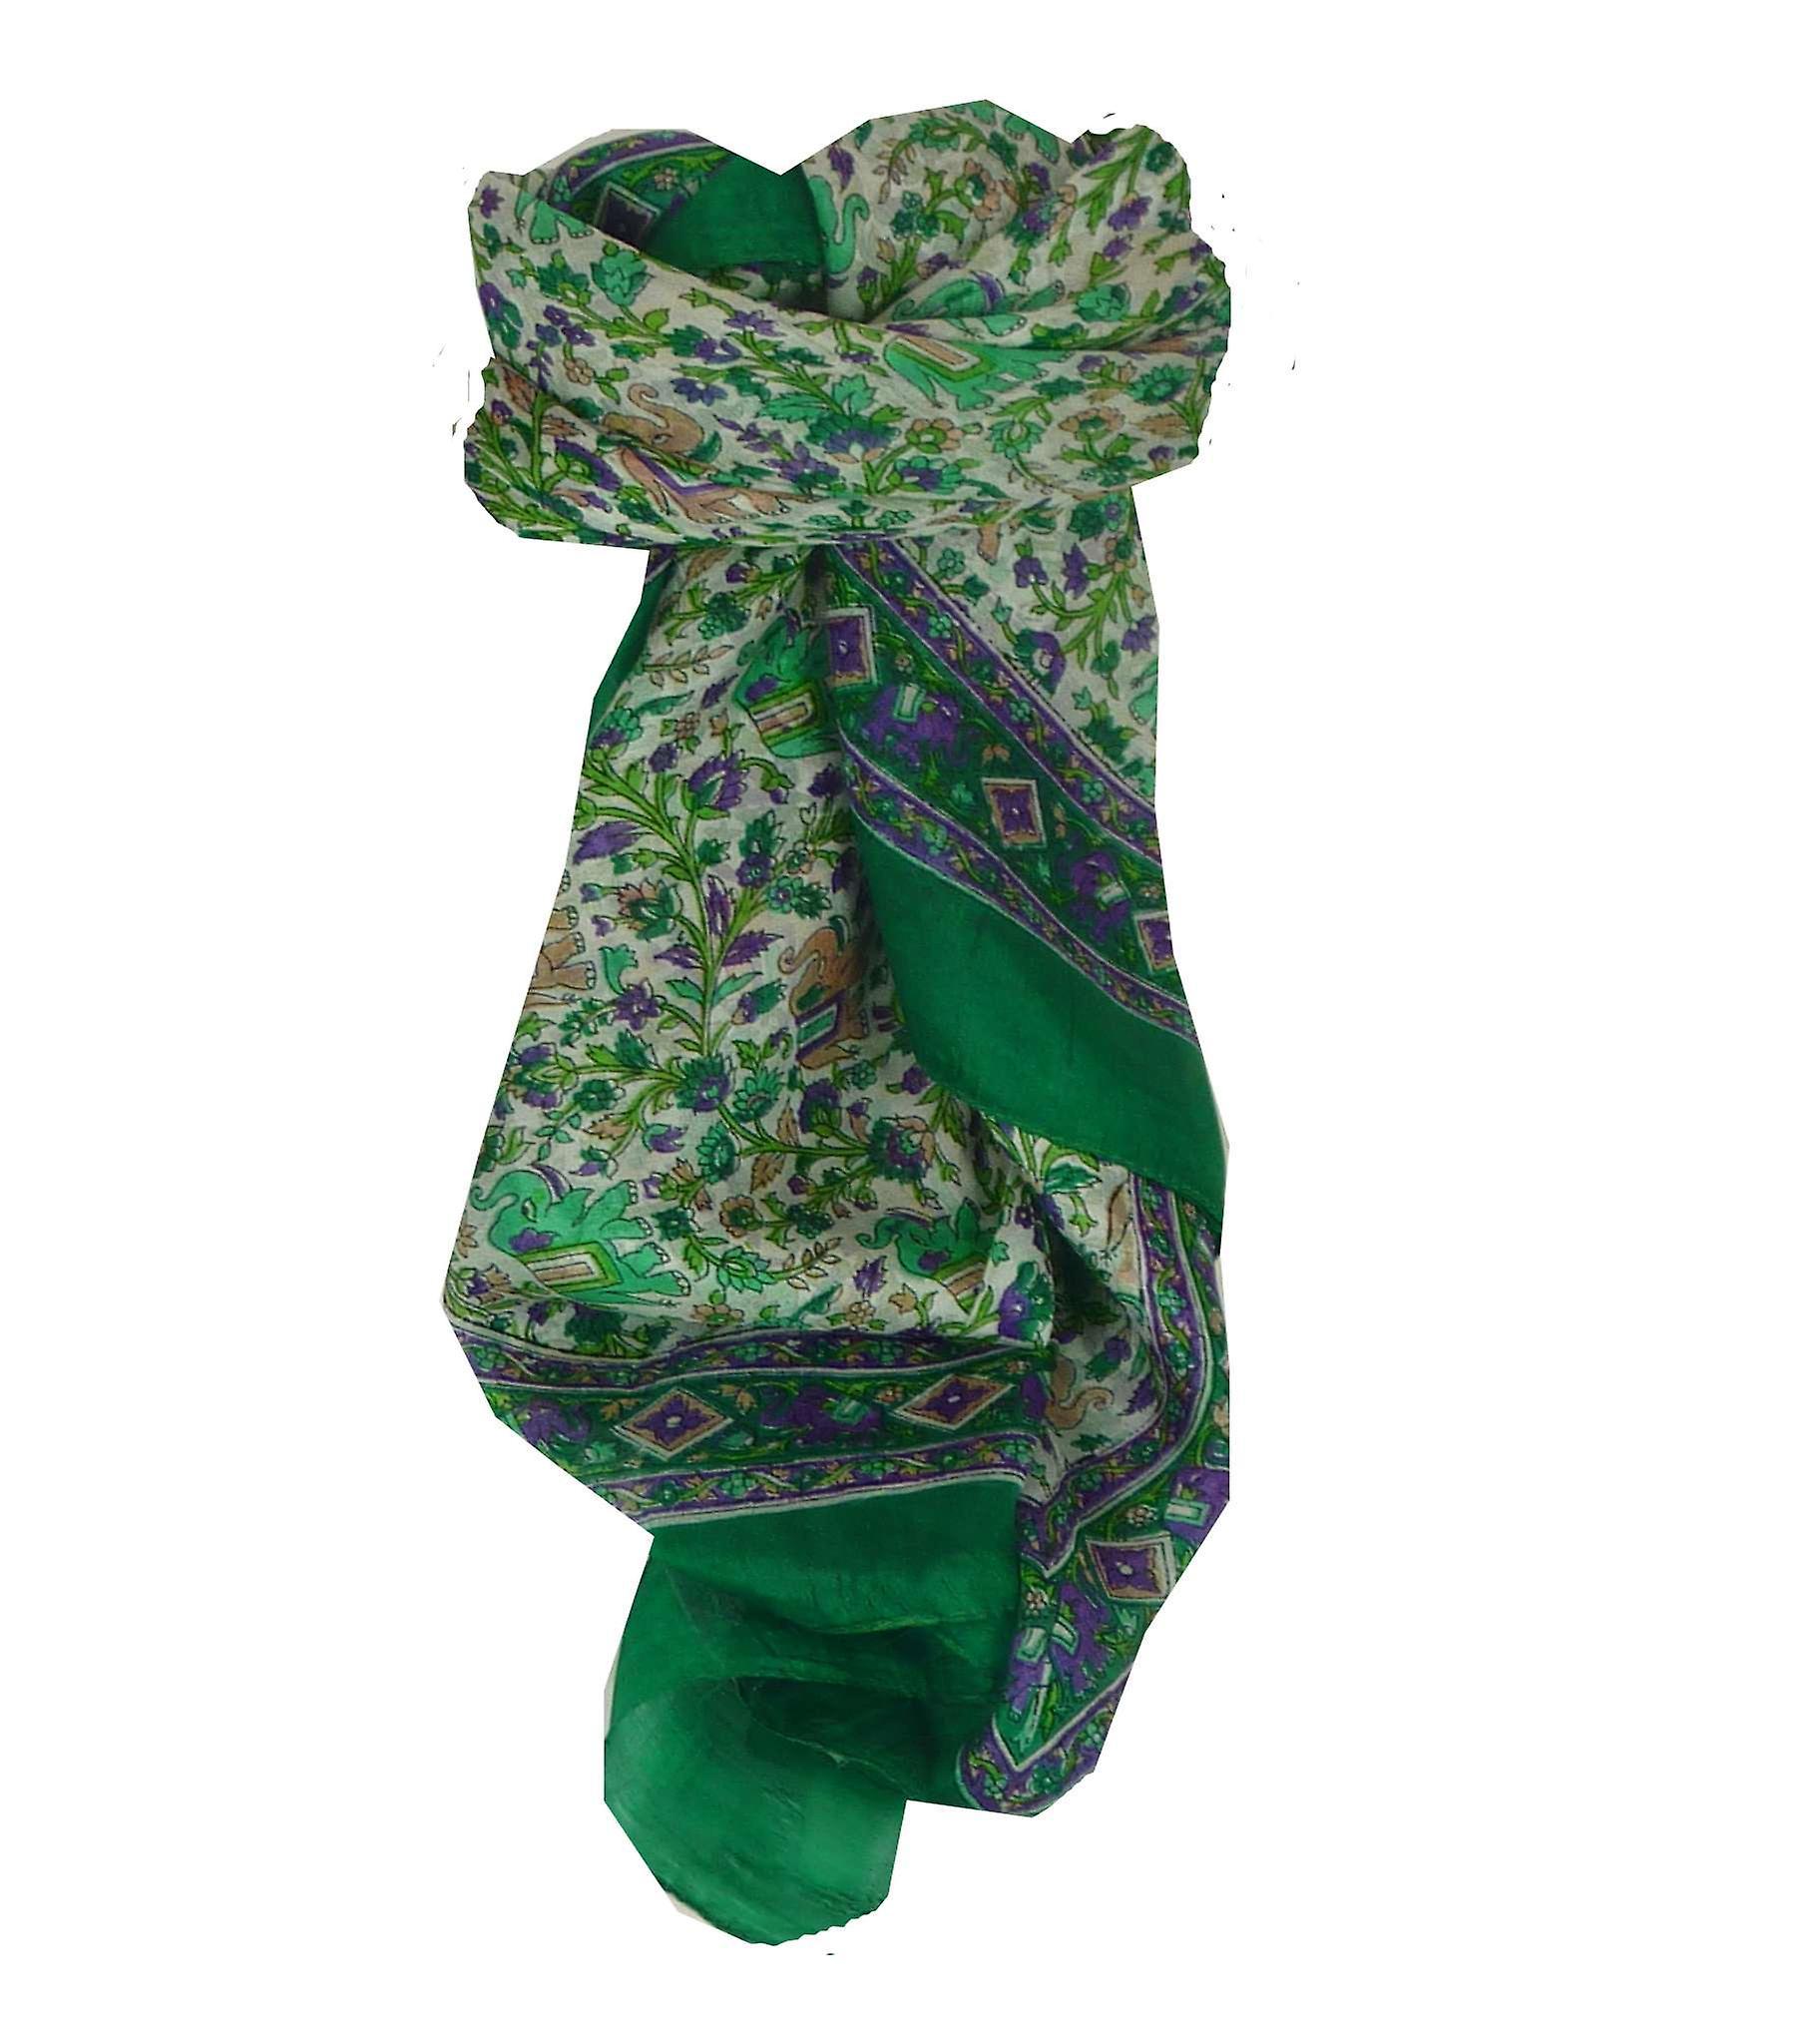 d185079460aab5 Maulbeere traditionelle quadratischen Seidentuch Jaipur Grün von Pashmina &  Seide